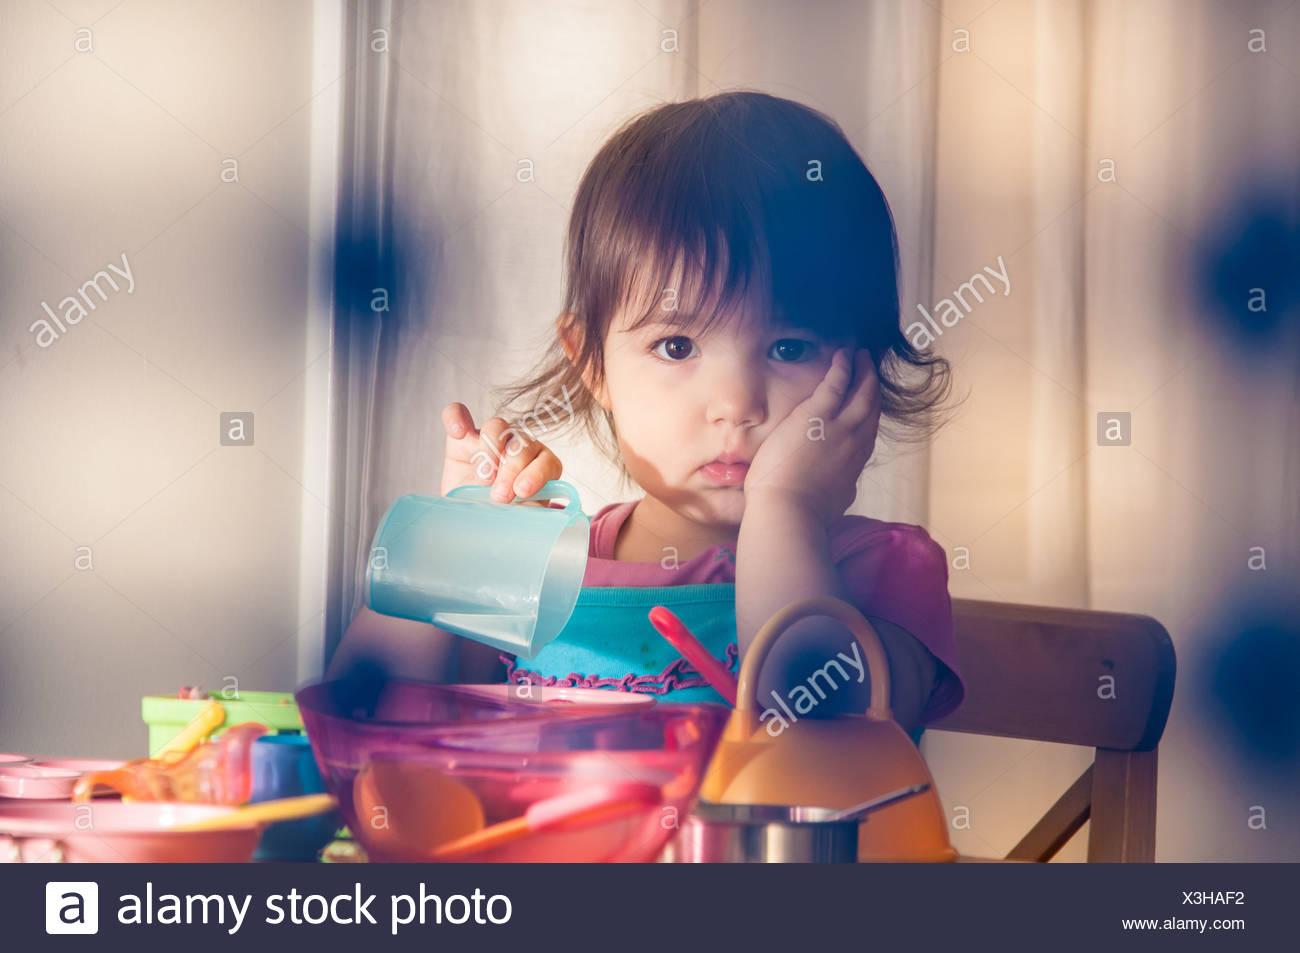 Triste fille jouant avec des jouets Photo Stock